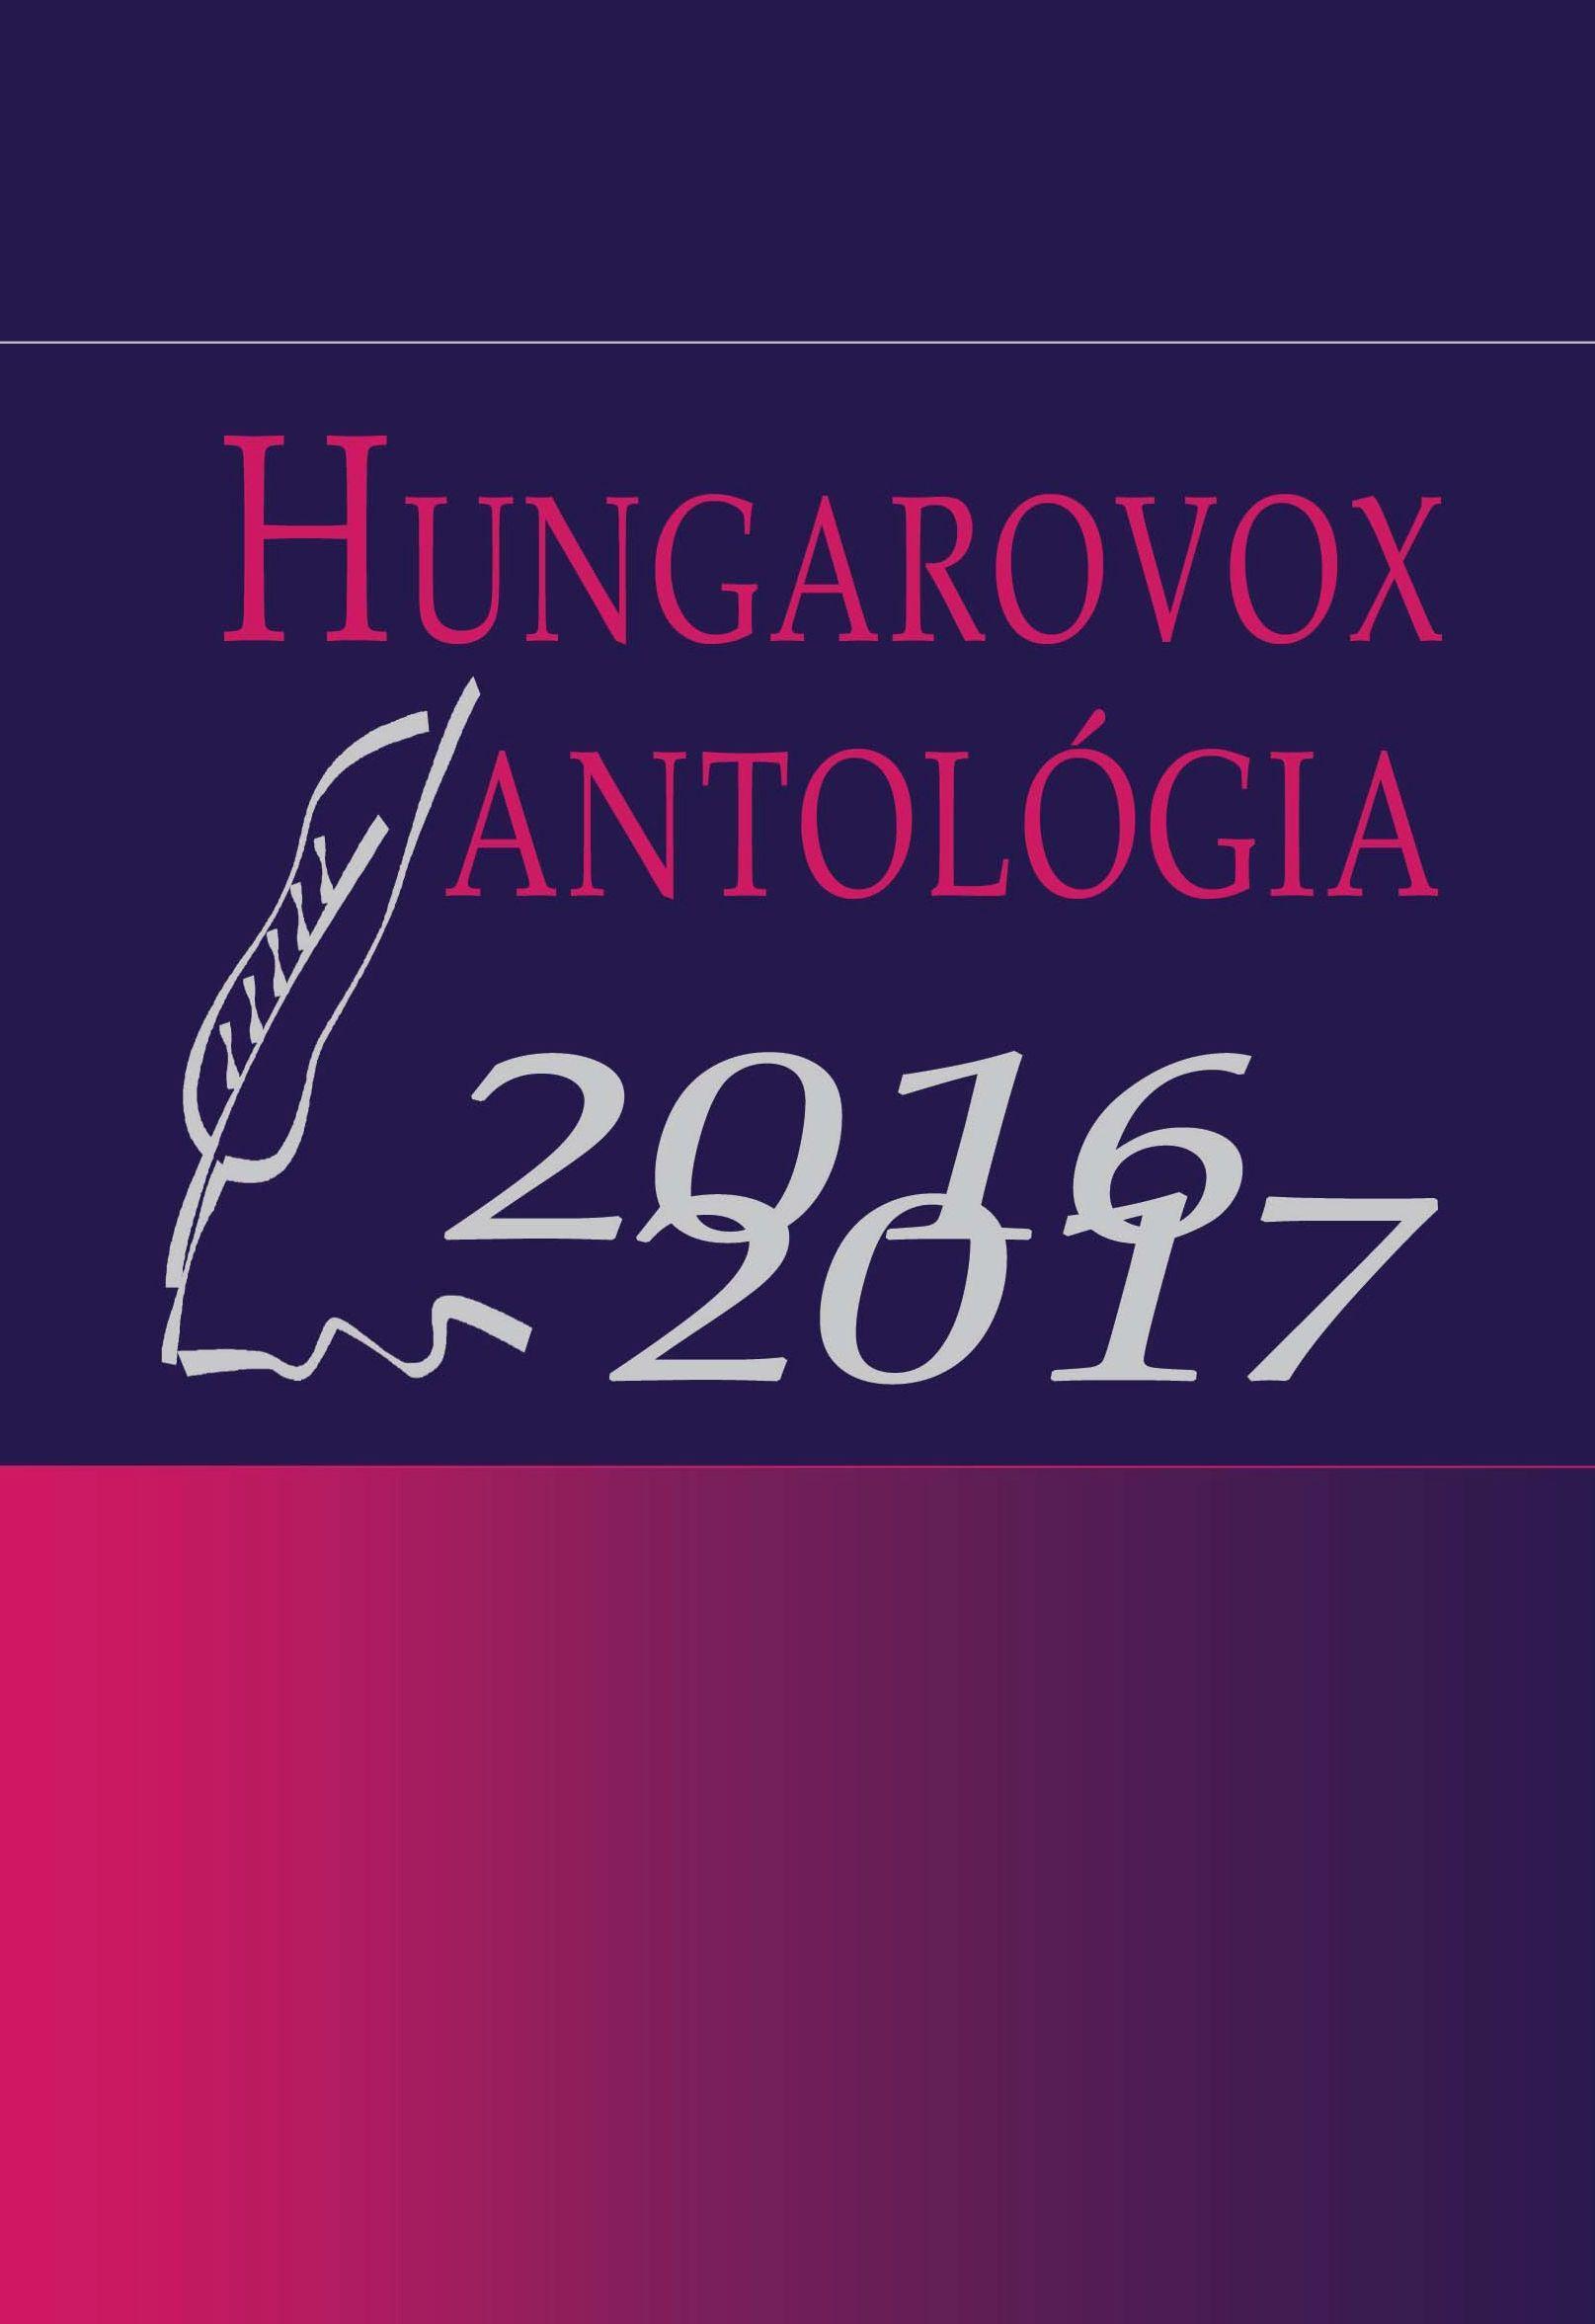 HUNGAROVOX ANTOLÓGIA 2016-2017